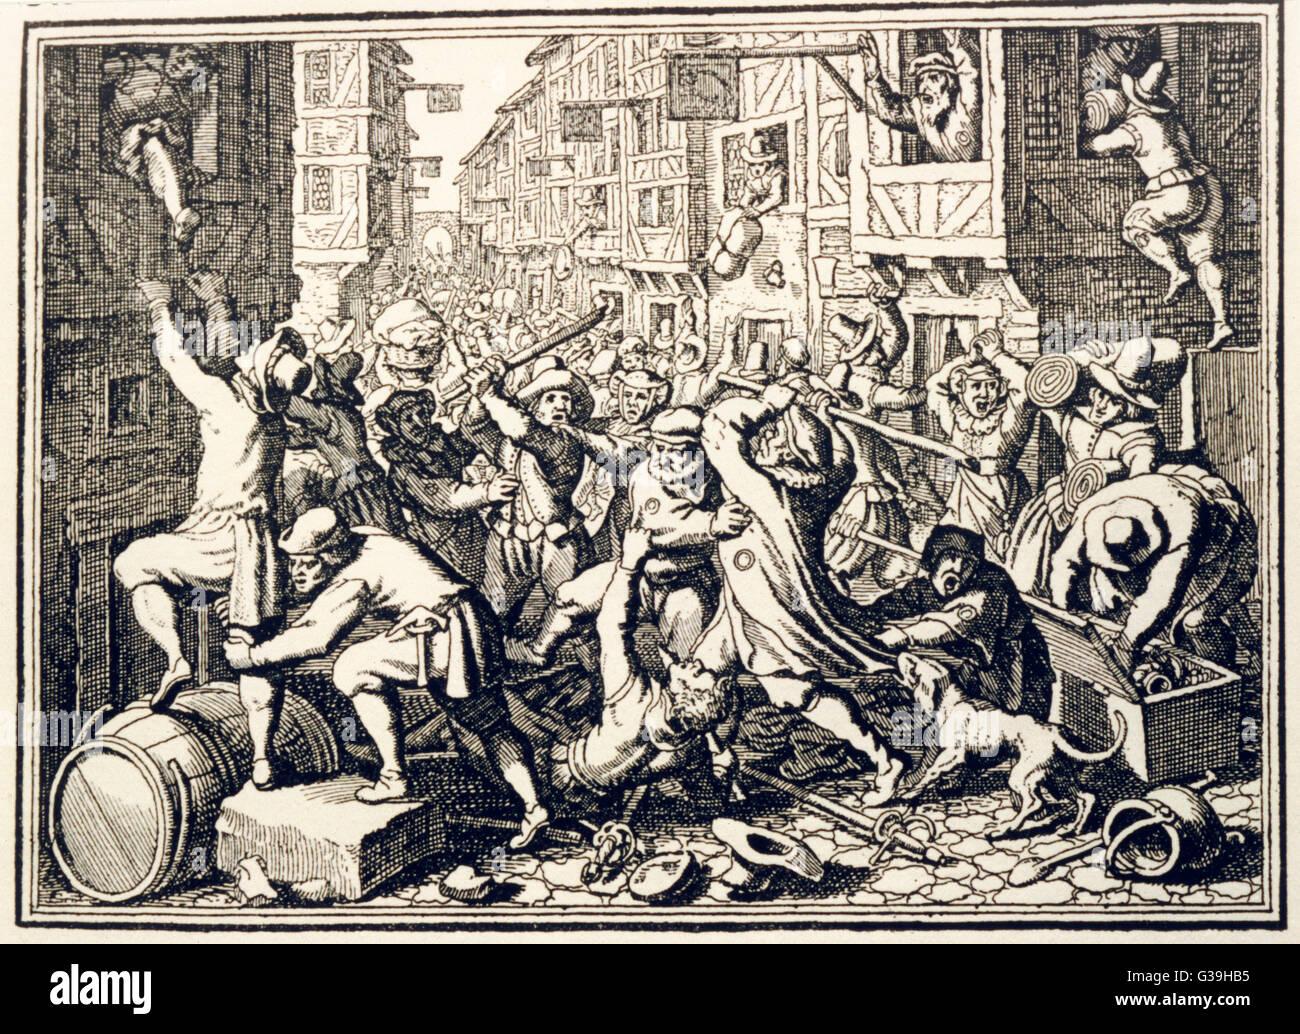 Plünderung der Judengasse in Frankfurt am Main. Datum: 1614